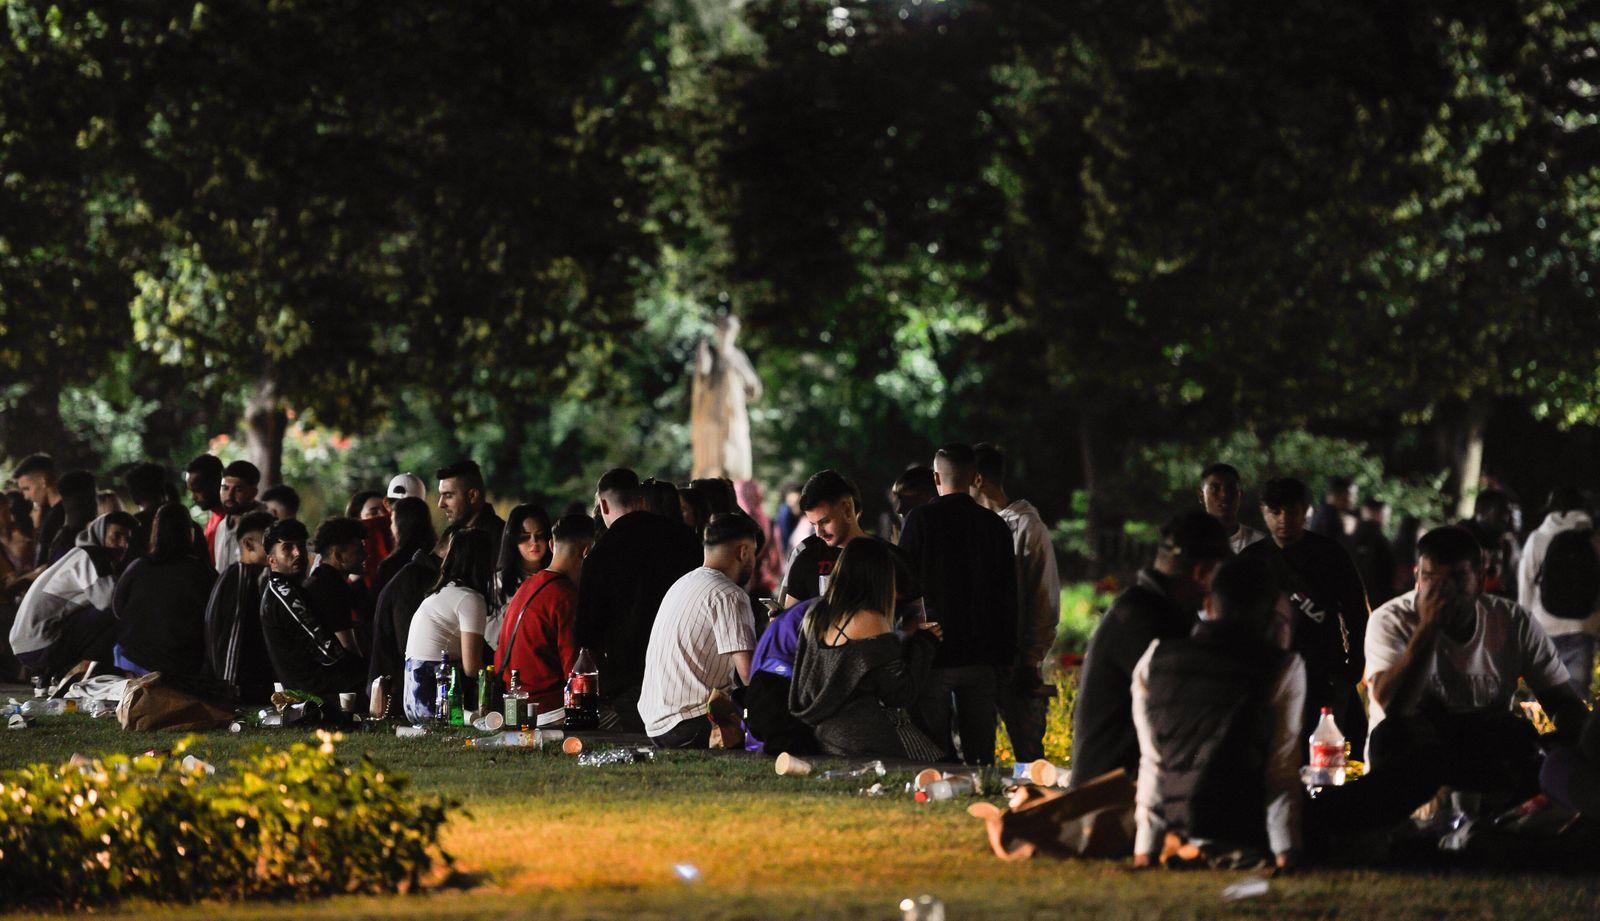 Jugendliche und die Polizei. Nachts am Eckensee im Schlosspark Stuttgart am 18.07. Einige Hundert von Jugendlichen sitz